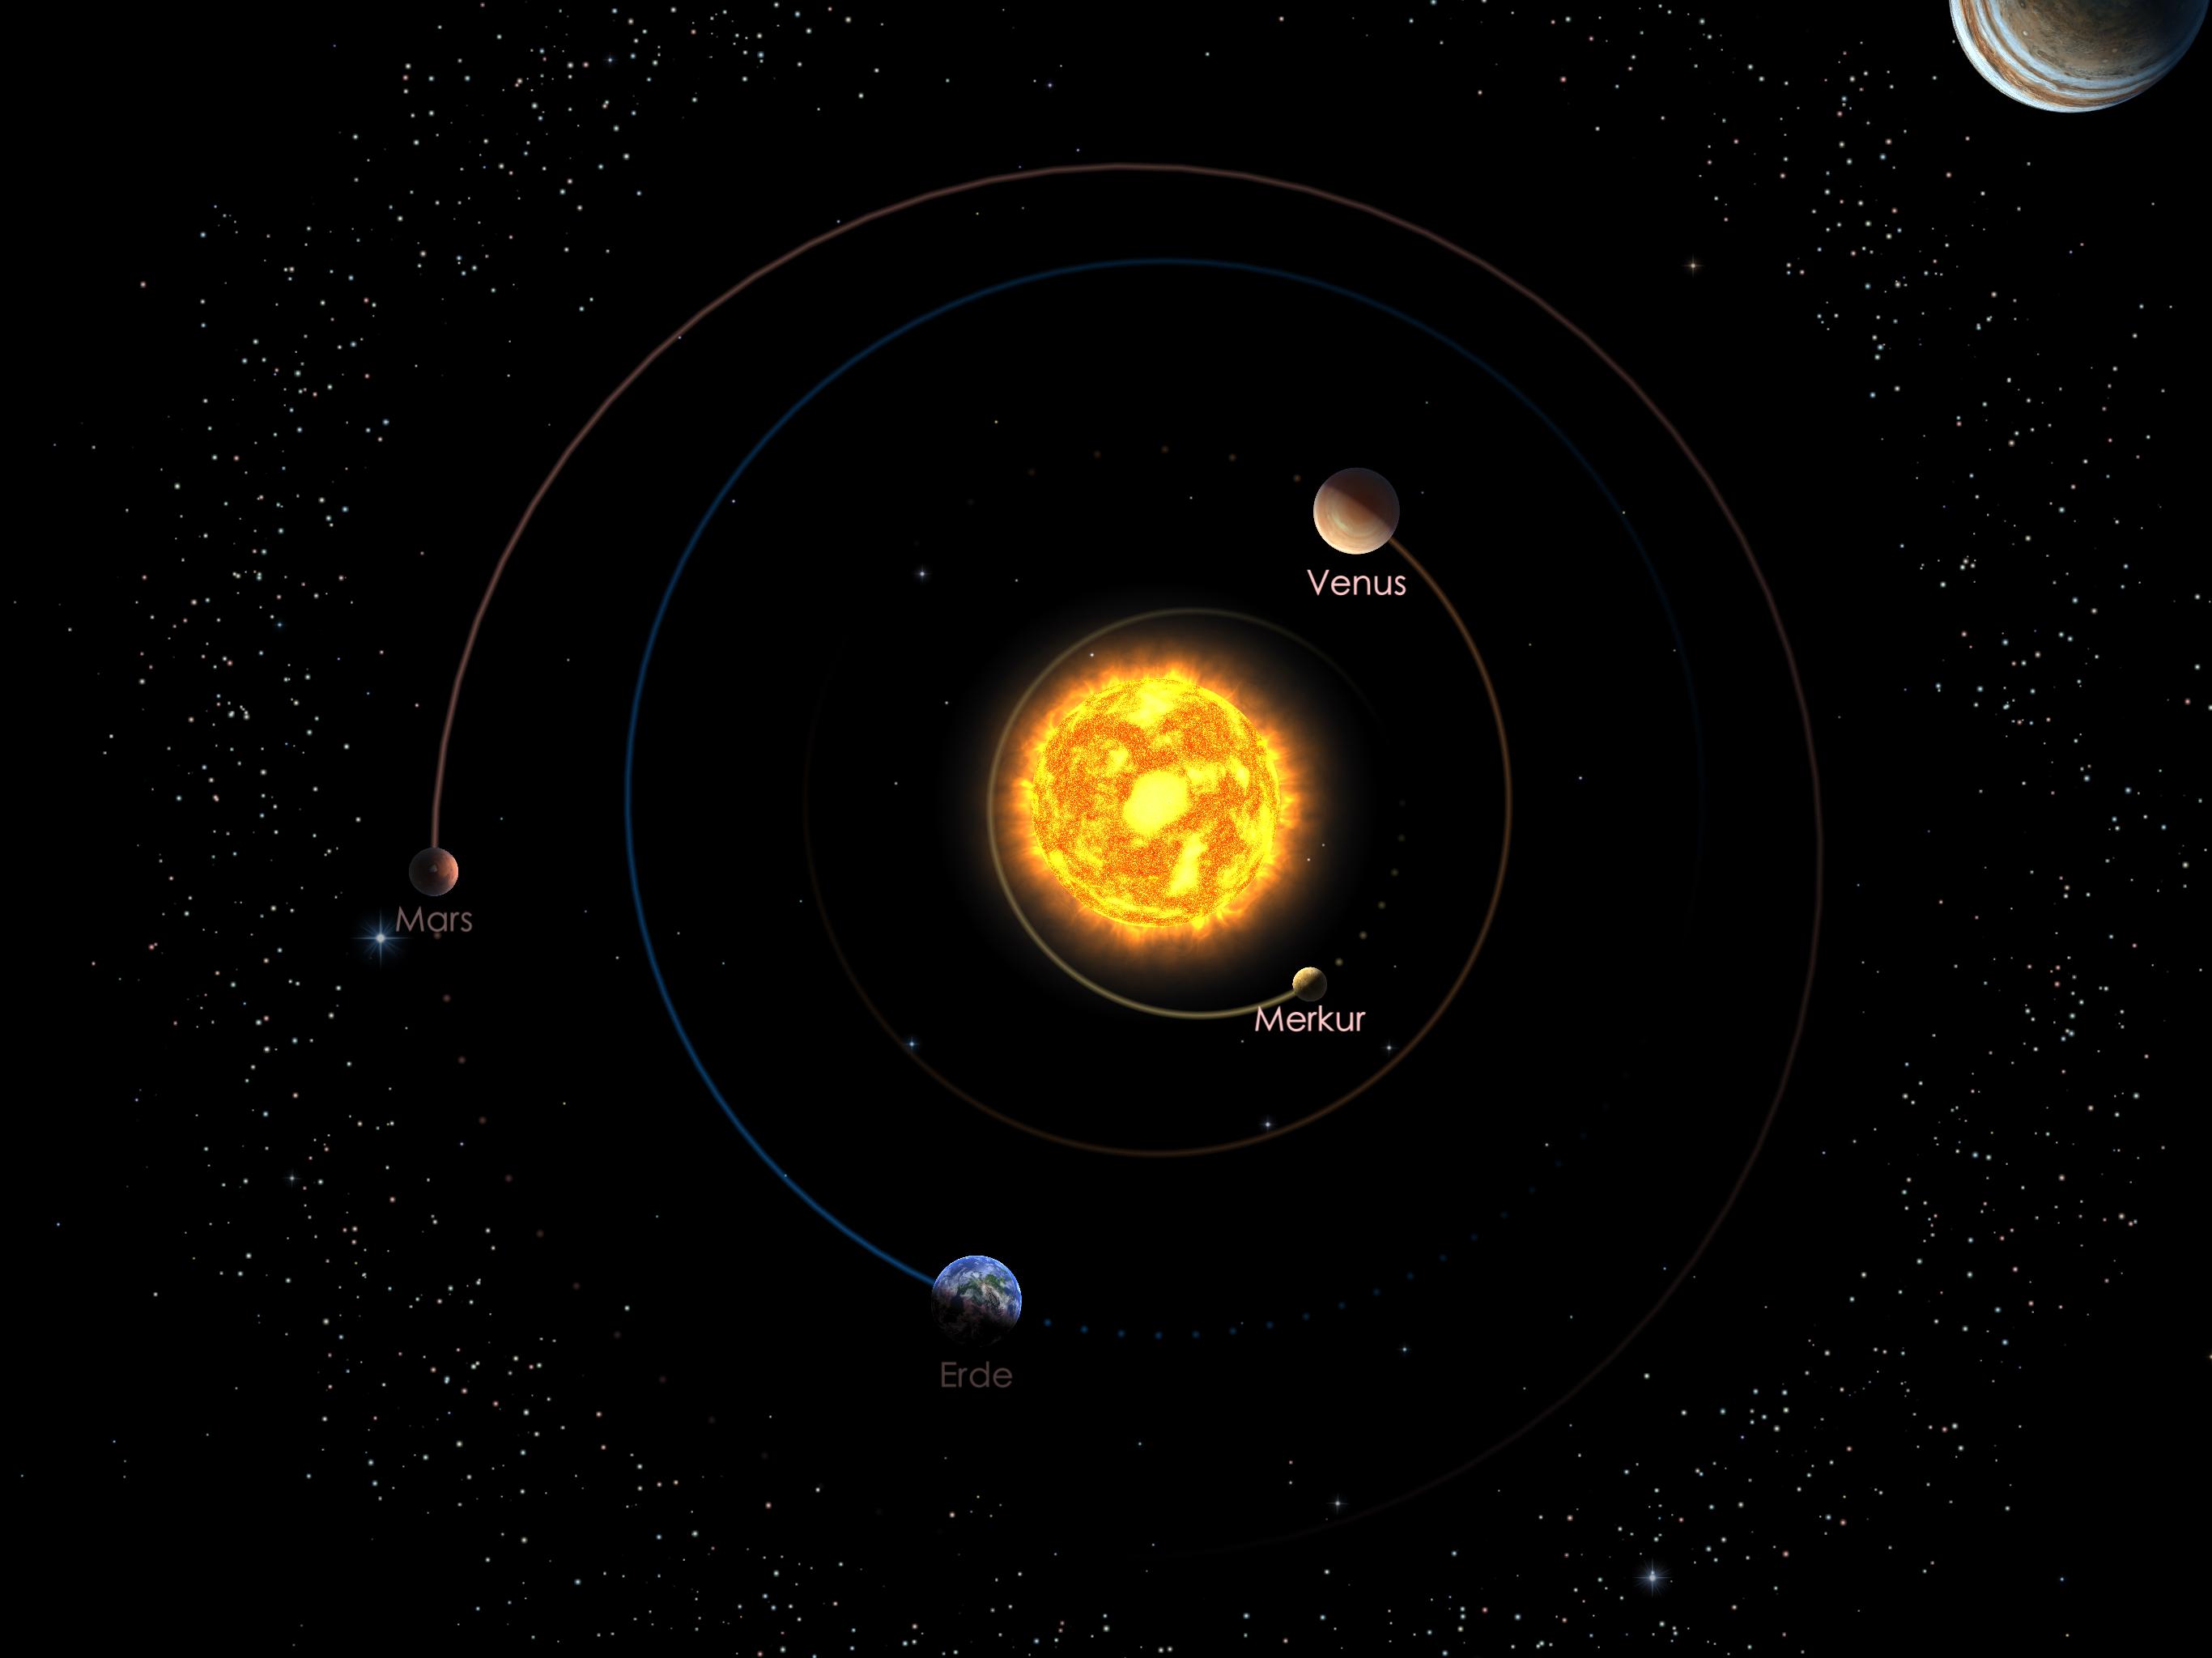 Die Positionen der inneren Planeten am 01.03.21